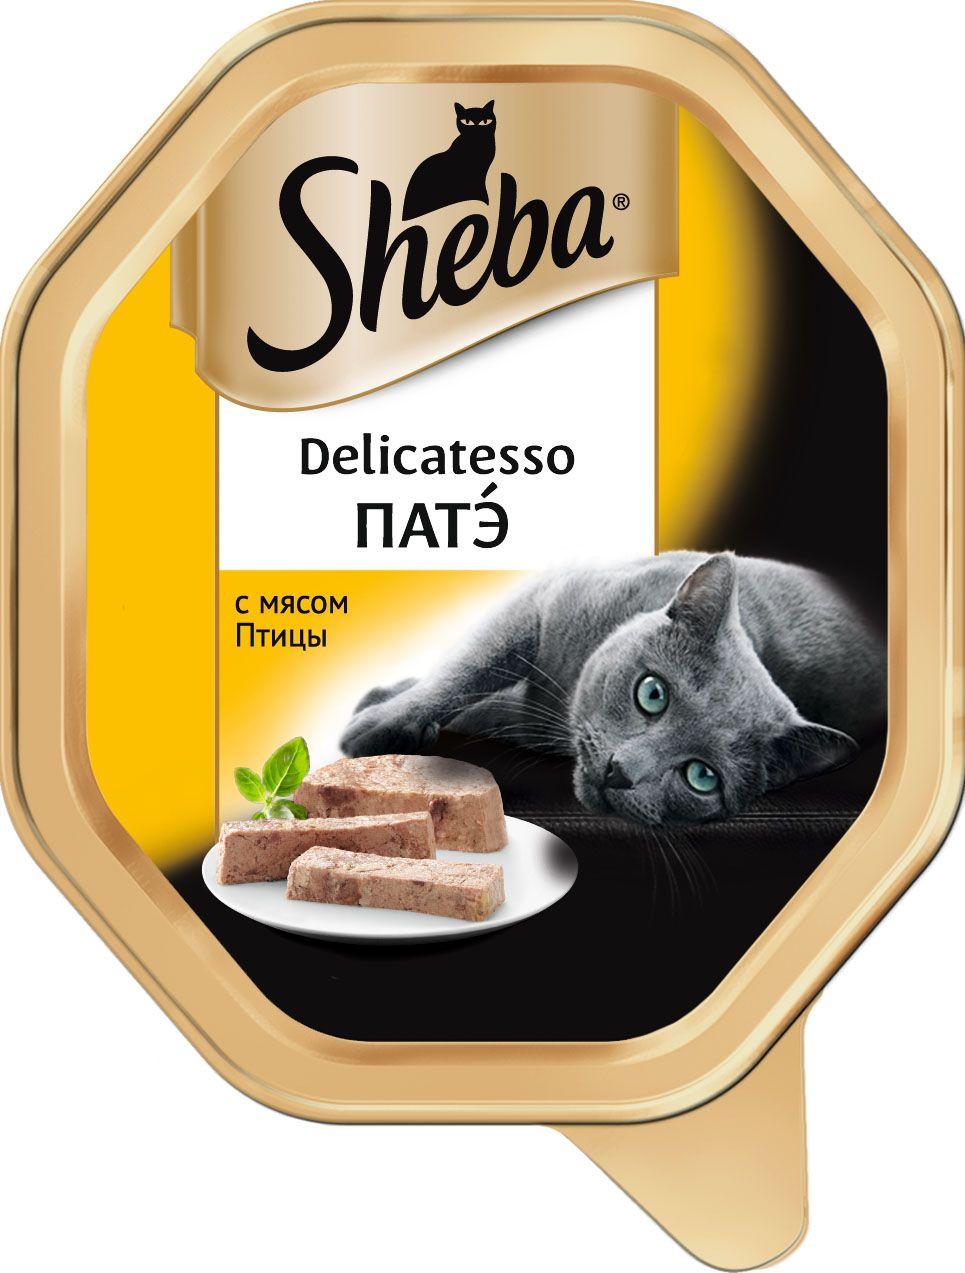 Корм консервированный Sheba Delicatesso, для взрослых кошек, от 1 года, патэ с птицей, 85 г х 22 шт80687Консервированный корм Sheba Delicatesso предназначен для взрослых кошек от 1 года. Насыщенный мясной вкус и необычное сочетание паштета и мясных ломтиков не оставит вашу любимицу равнодушной, а особая сервировка подчеркнет все богатство вкусаизысканного деликатеса! В состав корма входят мясо и мясные ингредиенты самого высокого качества (в том числе мясо птицы), а также витамины, злаки, таурин и минеральные вещества. Каждый ломтик бережно обварен и полит нежным соусом. В составе нет сои, консервантов, искусственных красителей и усилителей вкуса.Товар сертифицирован.